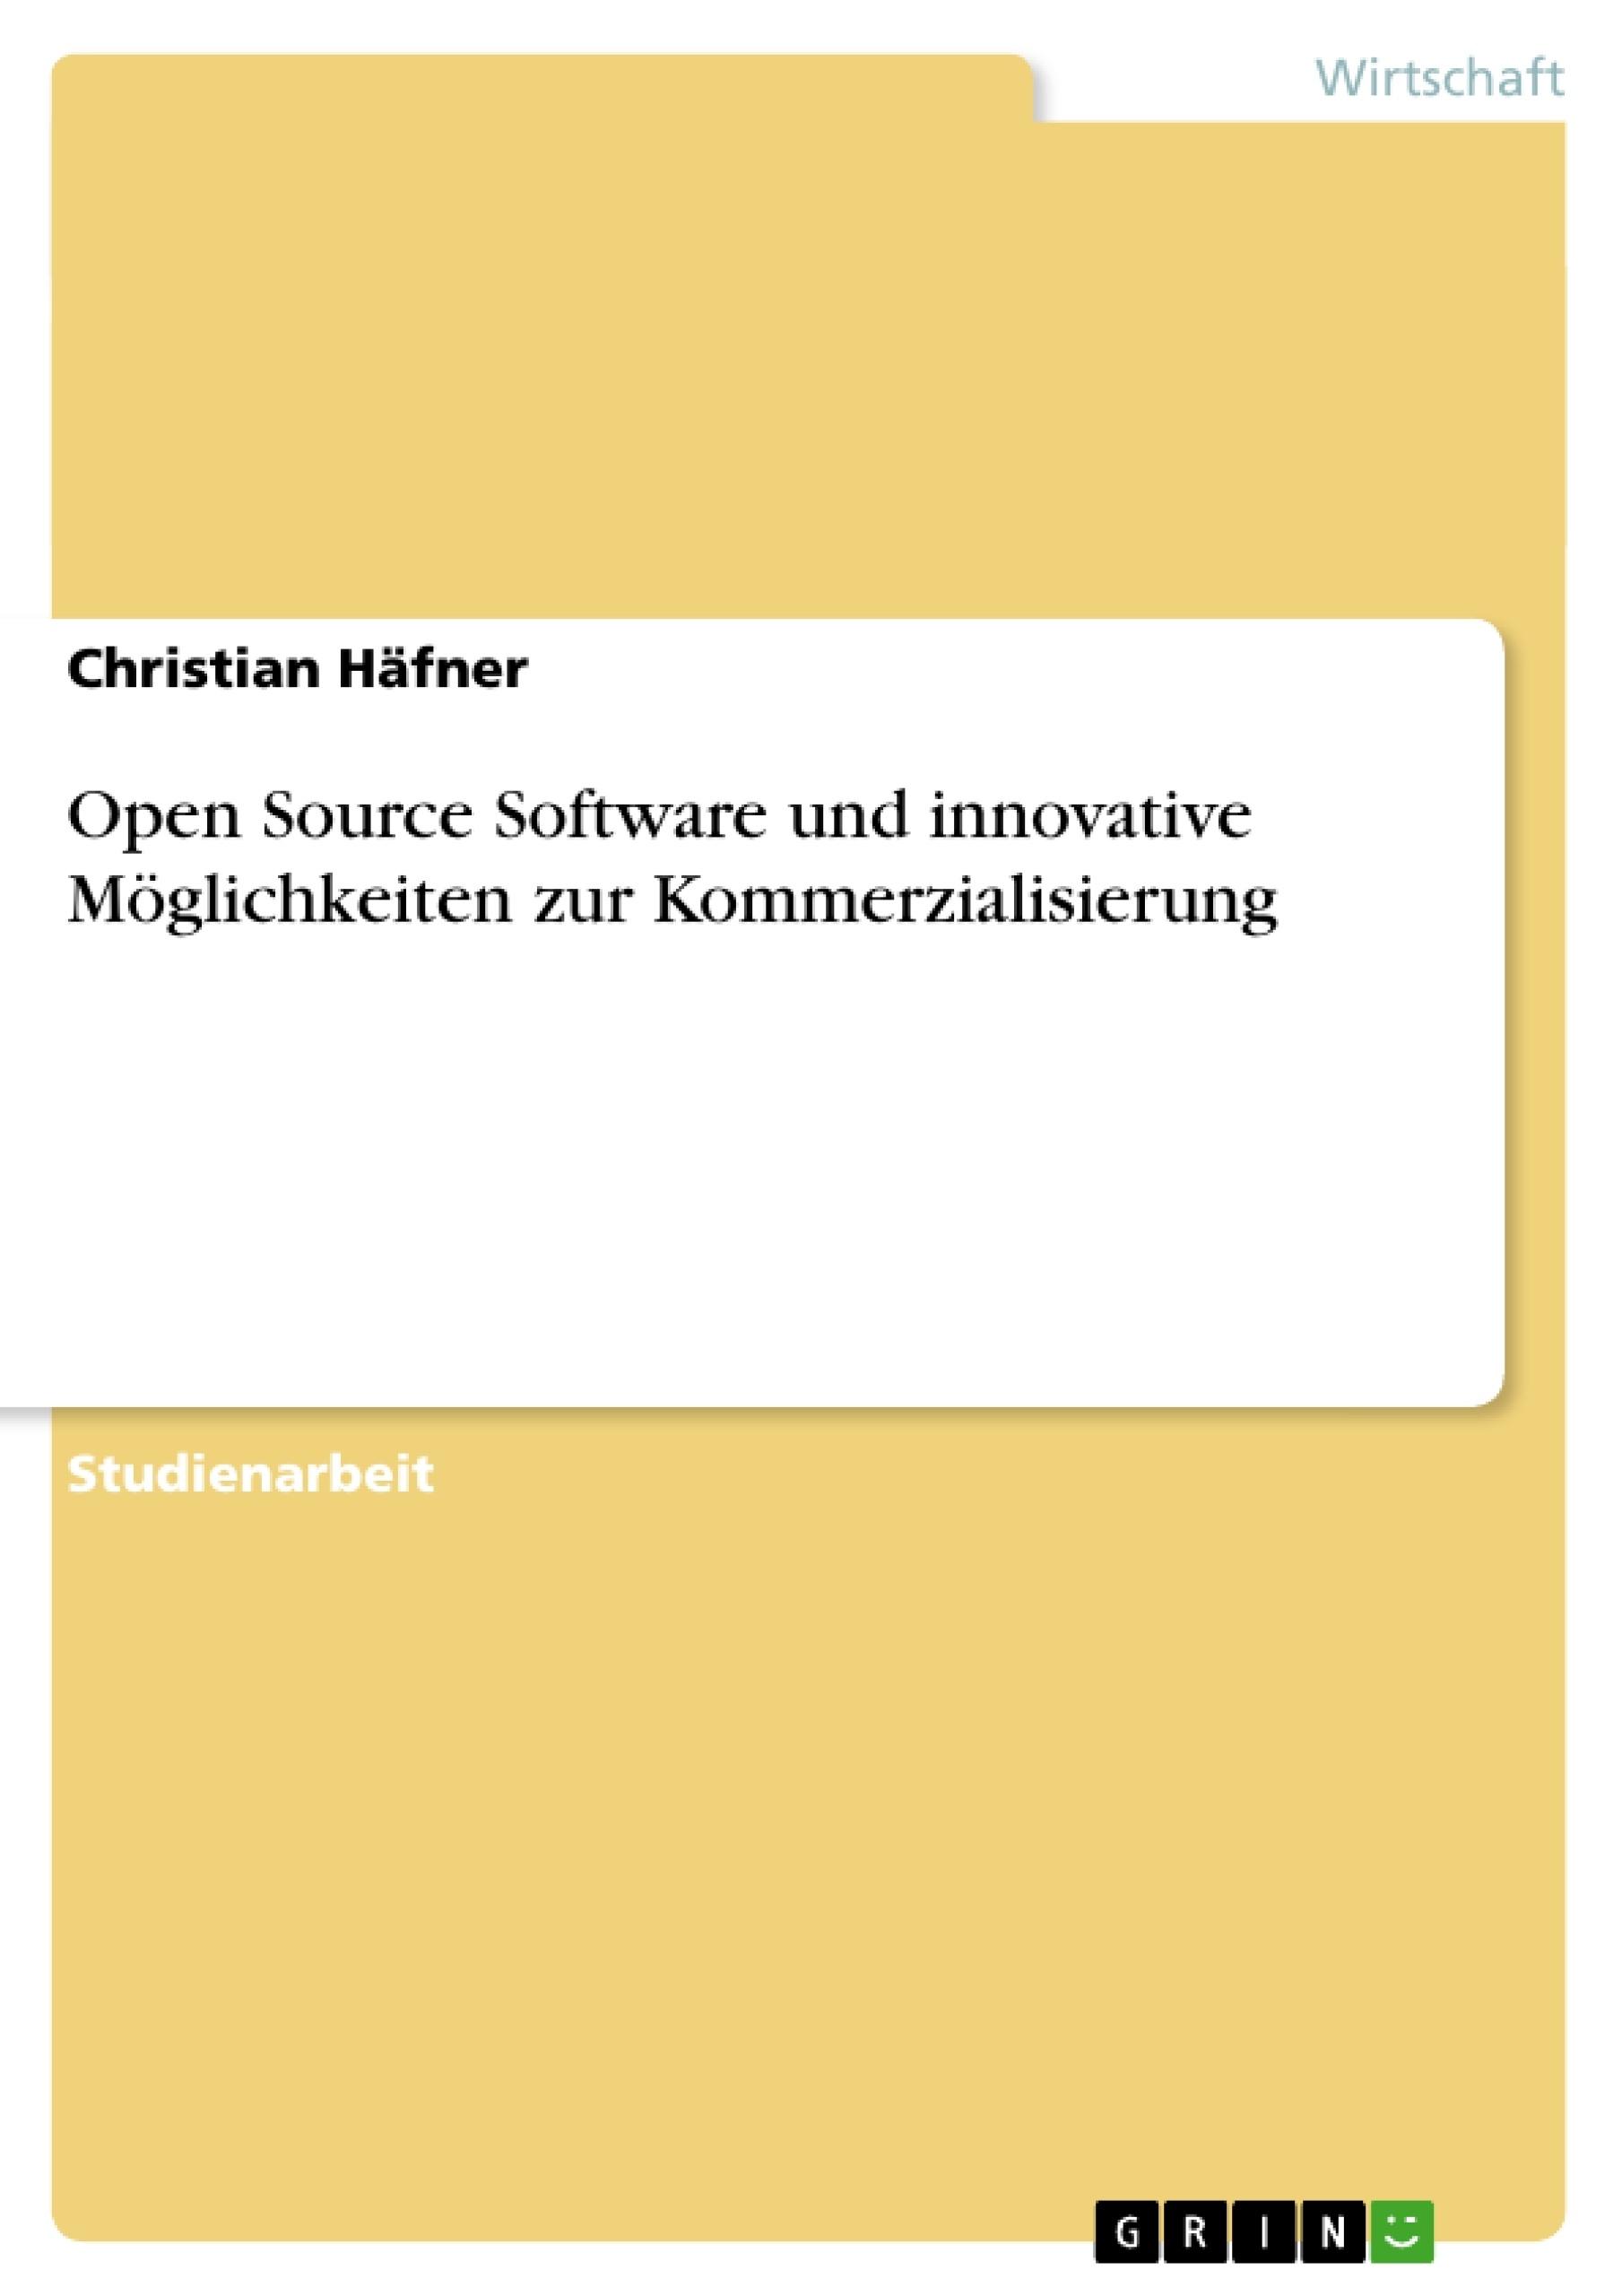 Titel: Open Source Software und innovative Möglichkeiten zur Kommerzialisierung